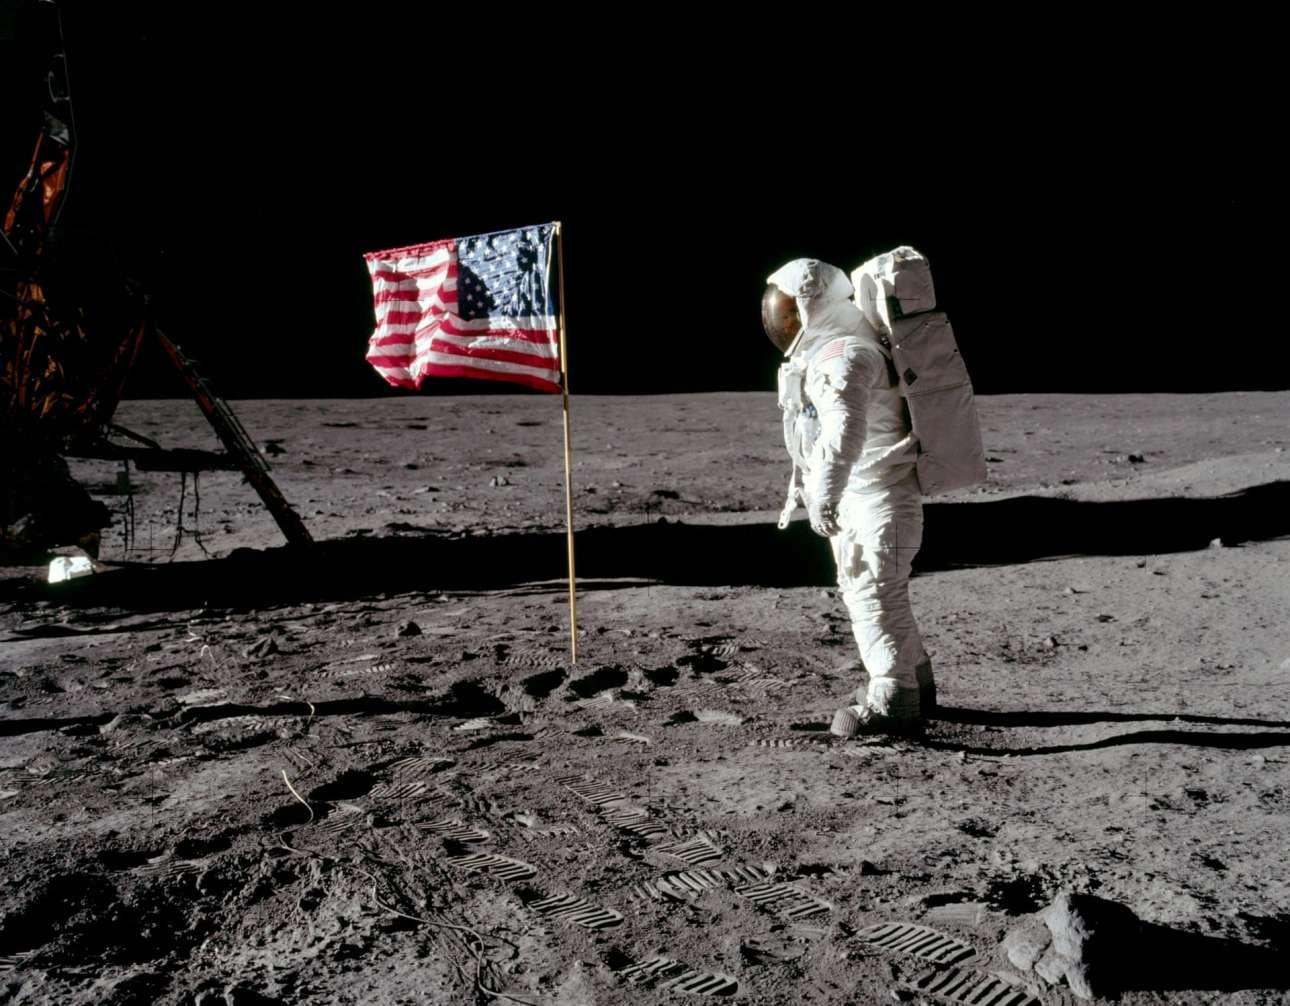 Ο Μπαζ Ολντριν ποζάρει δίπλα στην αμερικανική σημαία που ανεμίζει πάνω στην επιφάνεια της Σελήνης